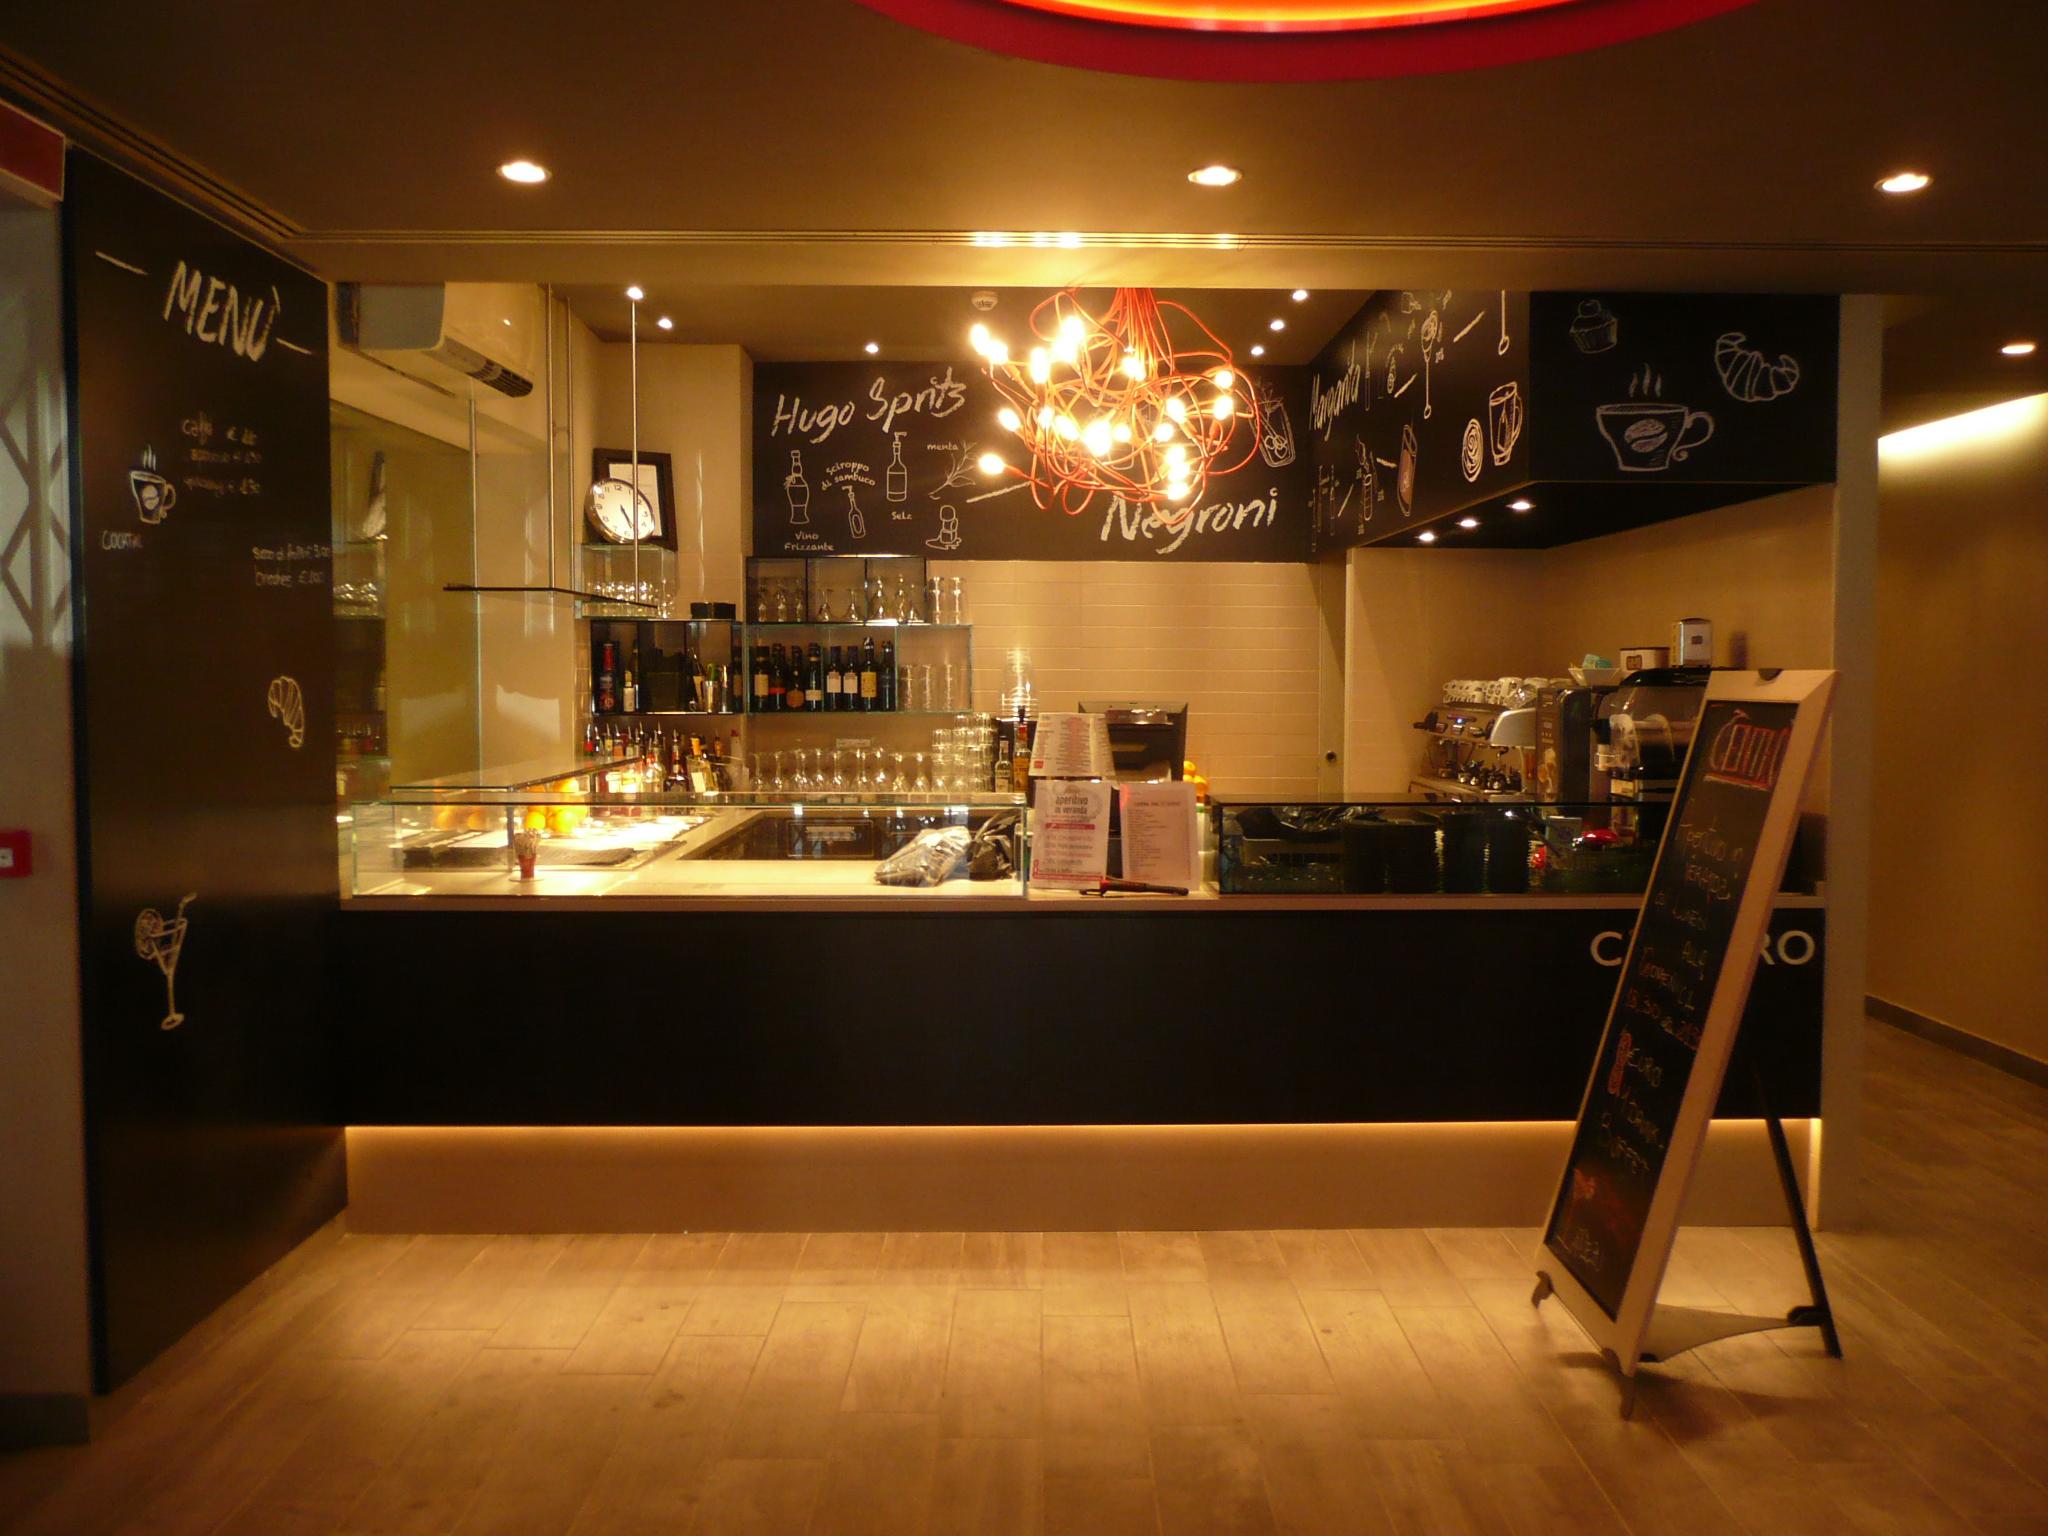 Arredamento su misura bar e ristoranti camst c 39 entro for Arredamento bar e ristoranti